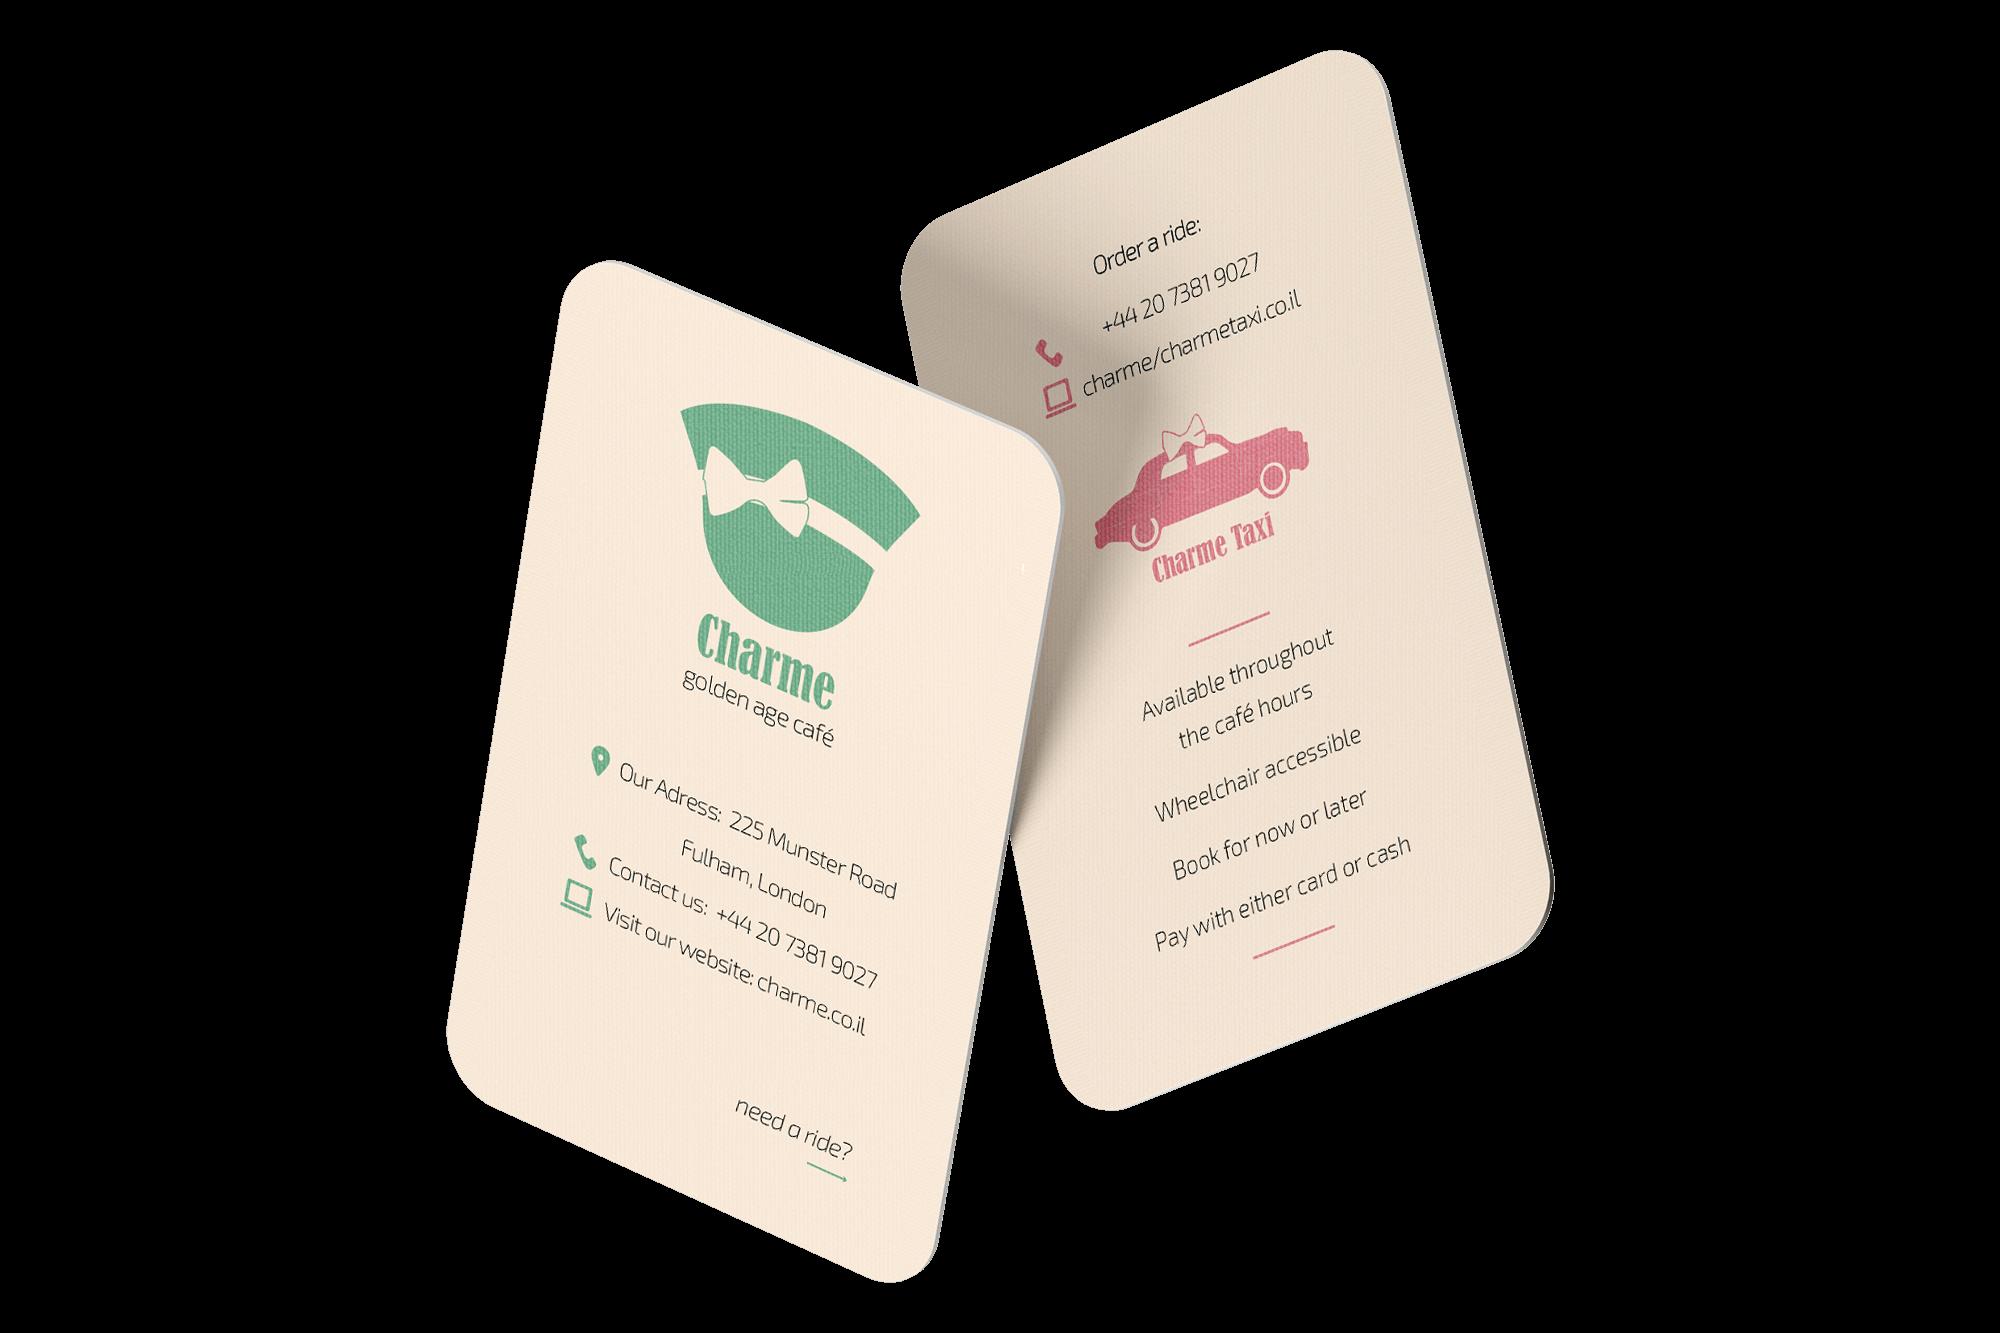 עיצוב בחינוך עיצוב גרפי CHARME מיתוג בית קפה כרטיס ביקור תיק עבודות קטיה פובזנר